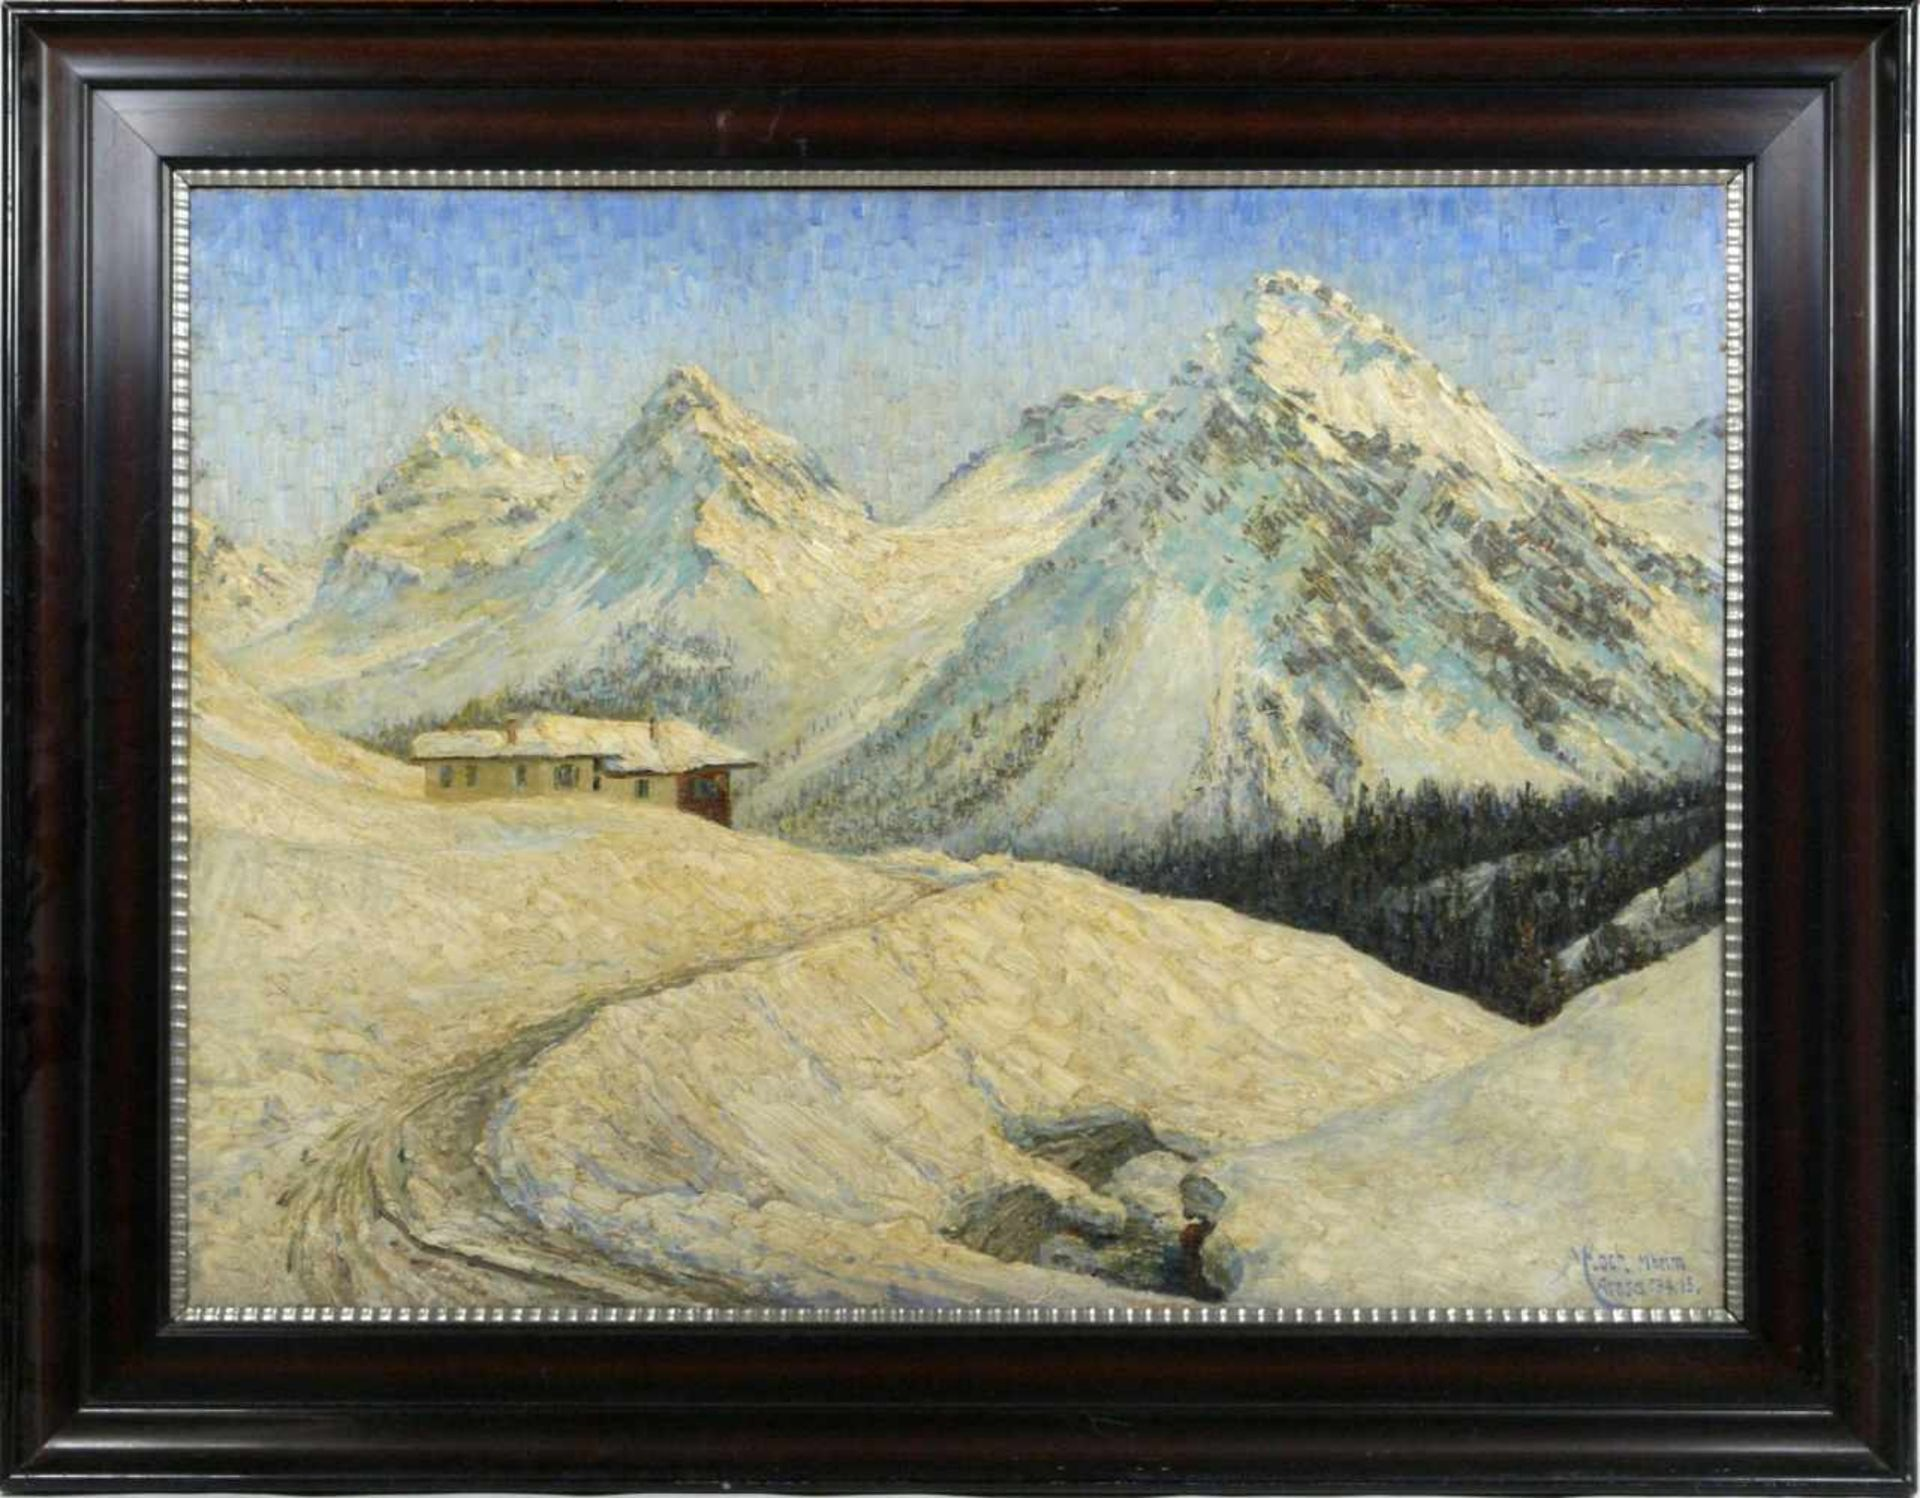 Koch, Michel (1853-1927) - Winterlandschaft Arosa 1915Winterliche Gebirgslandschaft mit idyllisch